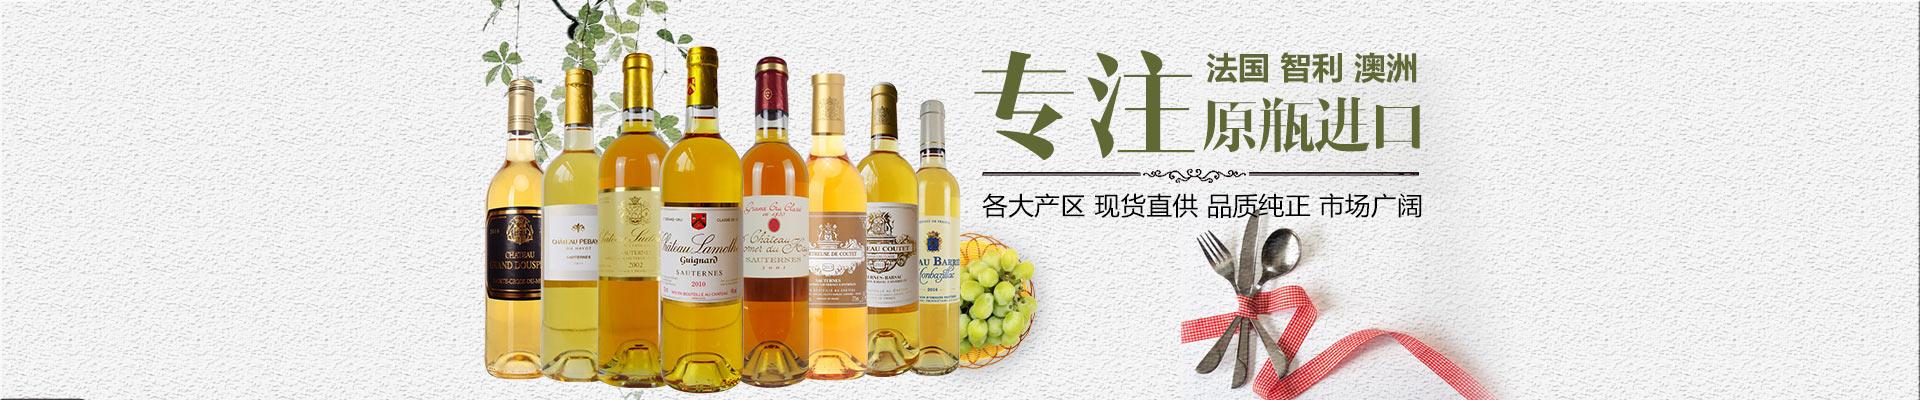 贺州市小时代酒业有限公司